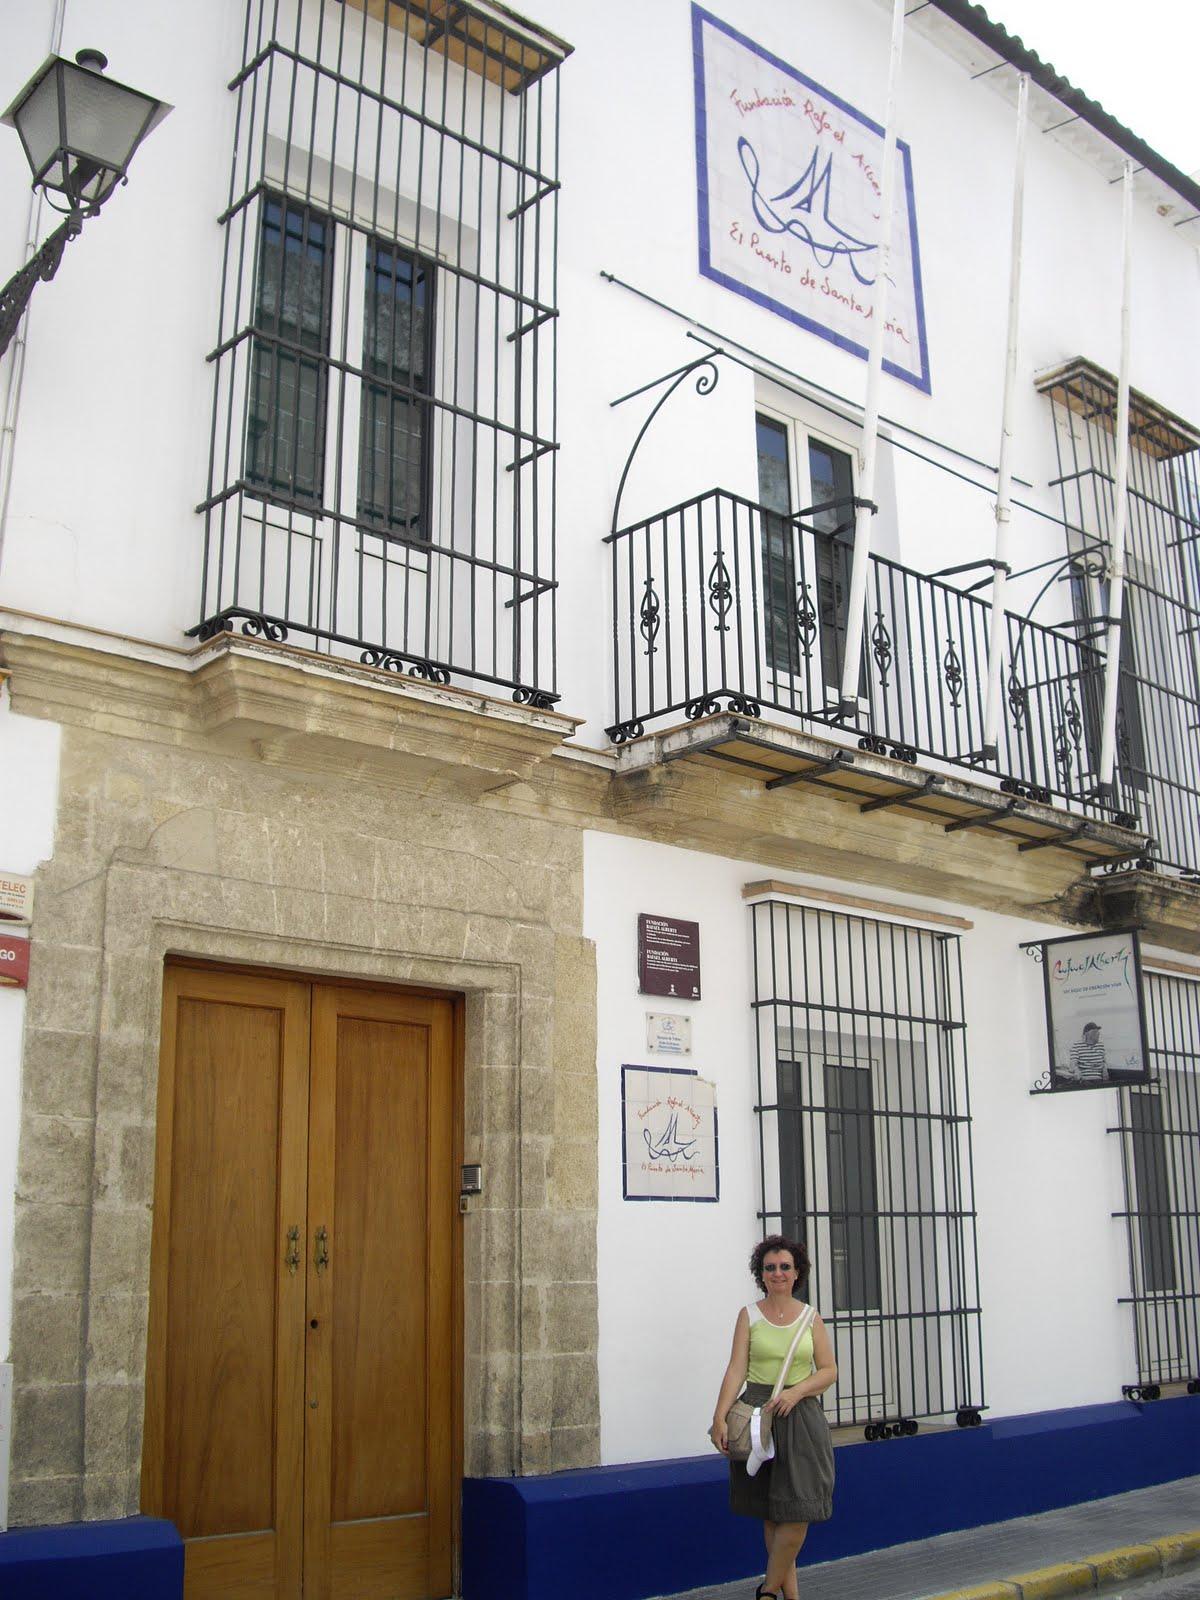 Roc o d az g mez la casa de alberti en el puerto de santa mar a de c diz - Casas en el puerto de santa maria ...